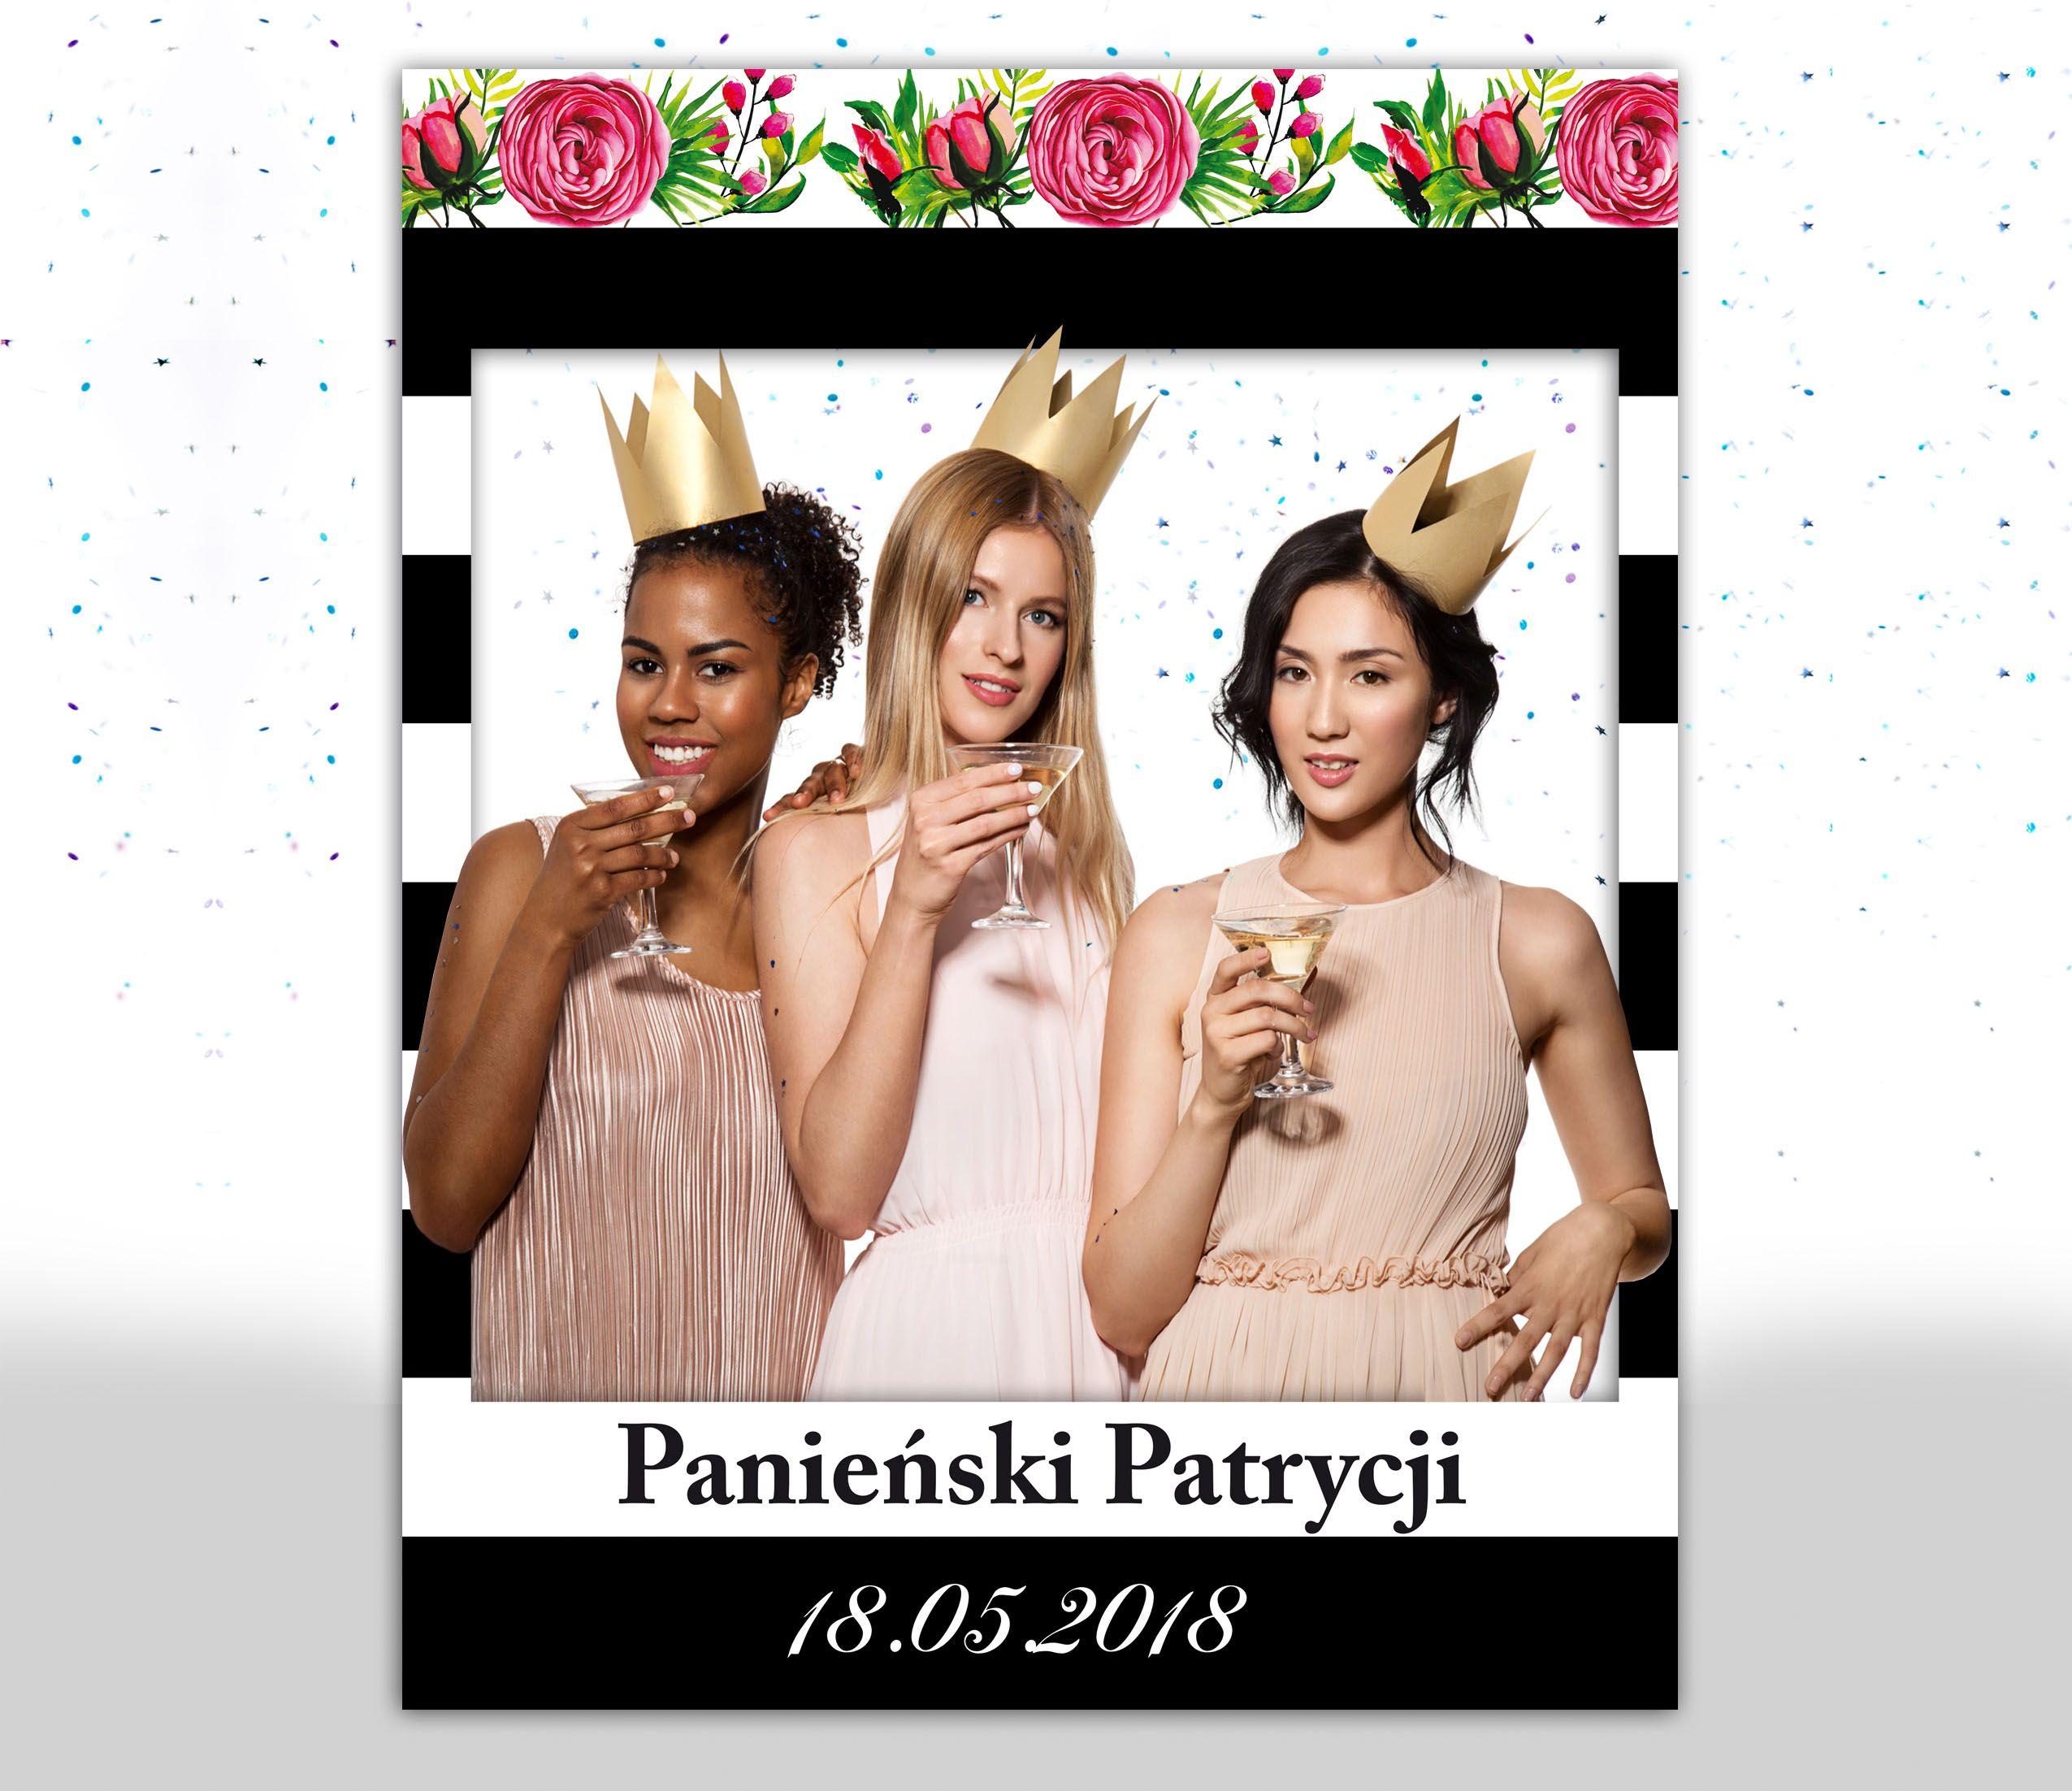 Foto Ramka Wieczor Panienski Z Personalizacja With Images